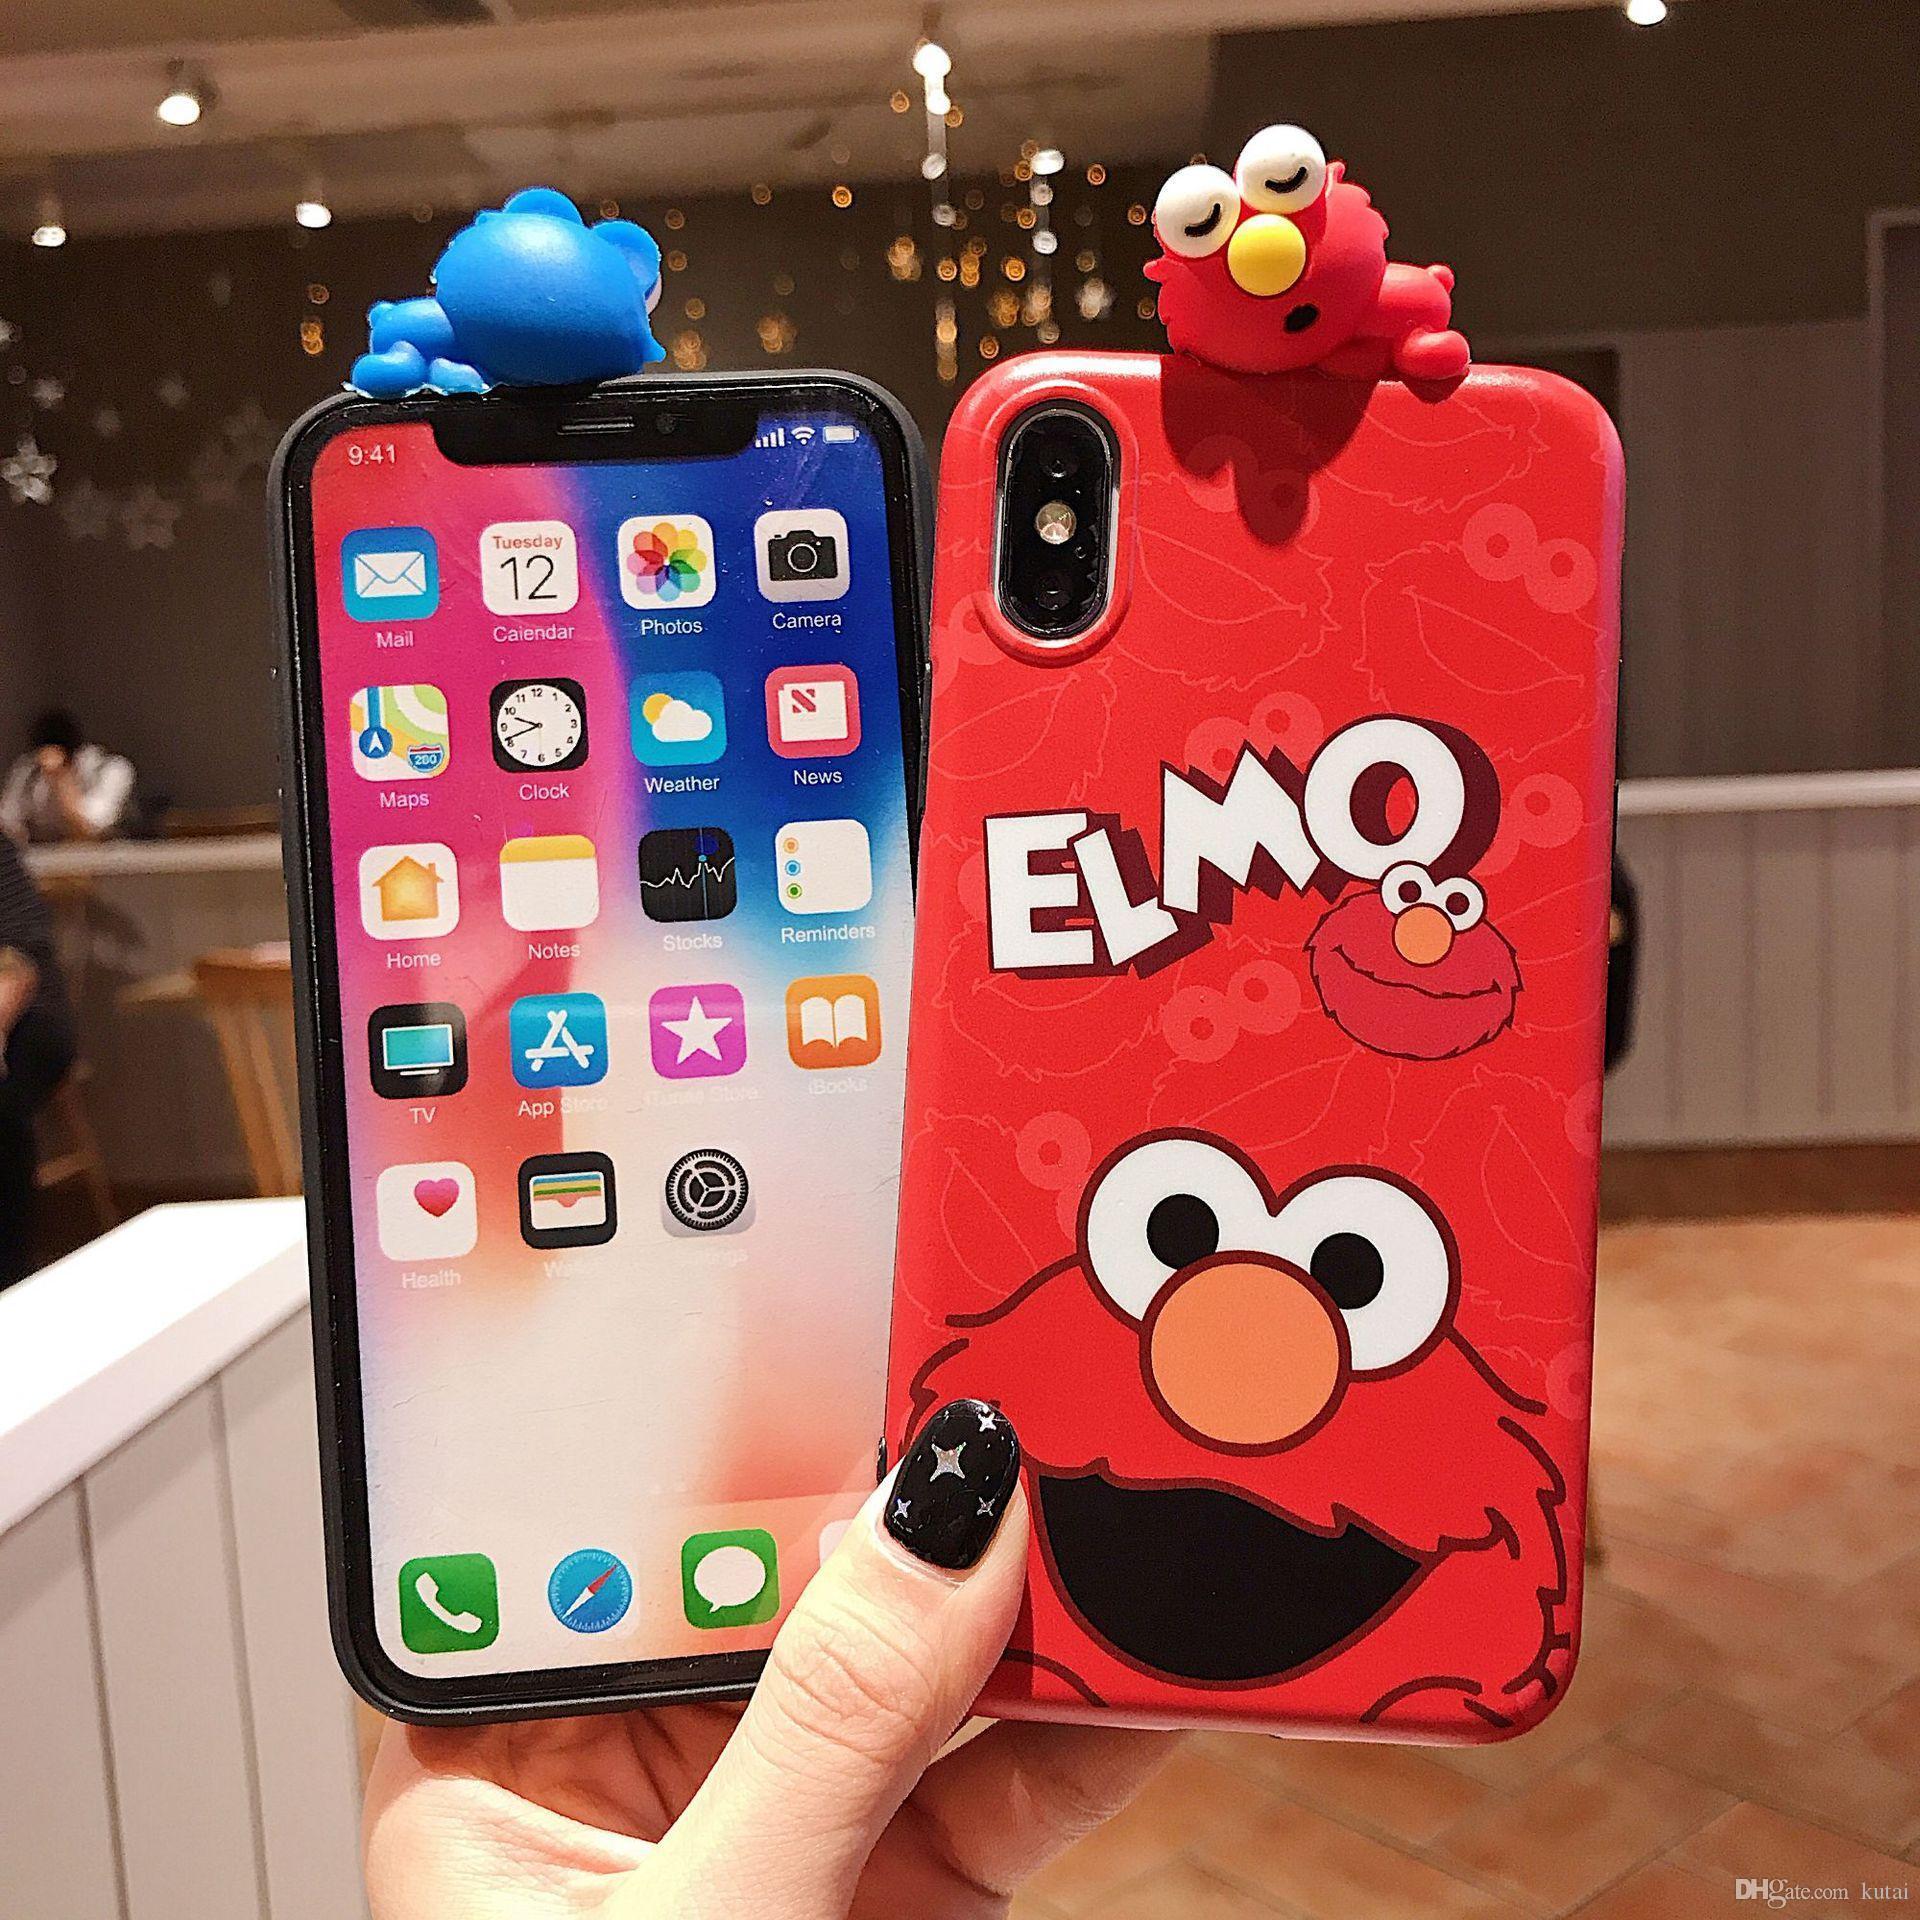 Горячий роскошный дизайн Cute Sesame Street Phone case для iphone cover 11 pro max X XS XR пара силиконовый чехол для coque iphone 8 7 6 6S Plus